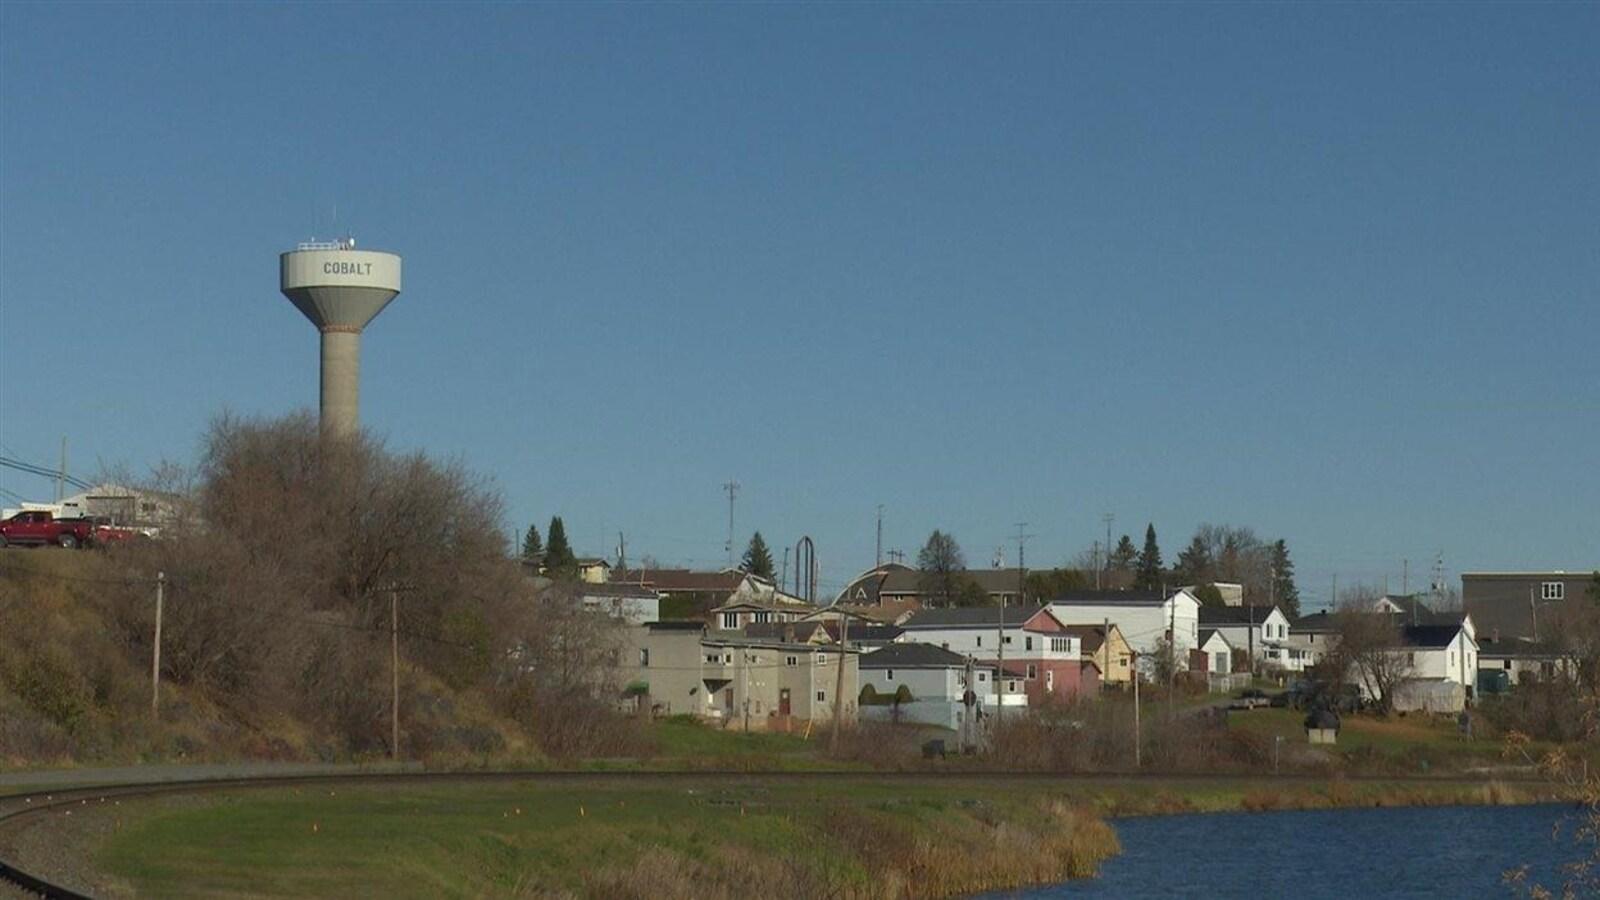 La ville de Cobalt dans le Nord-Est de l'Ontario